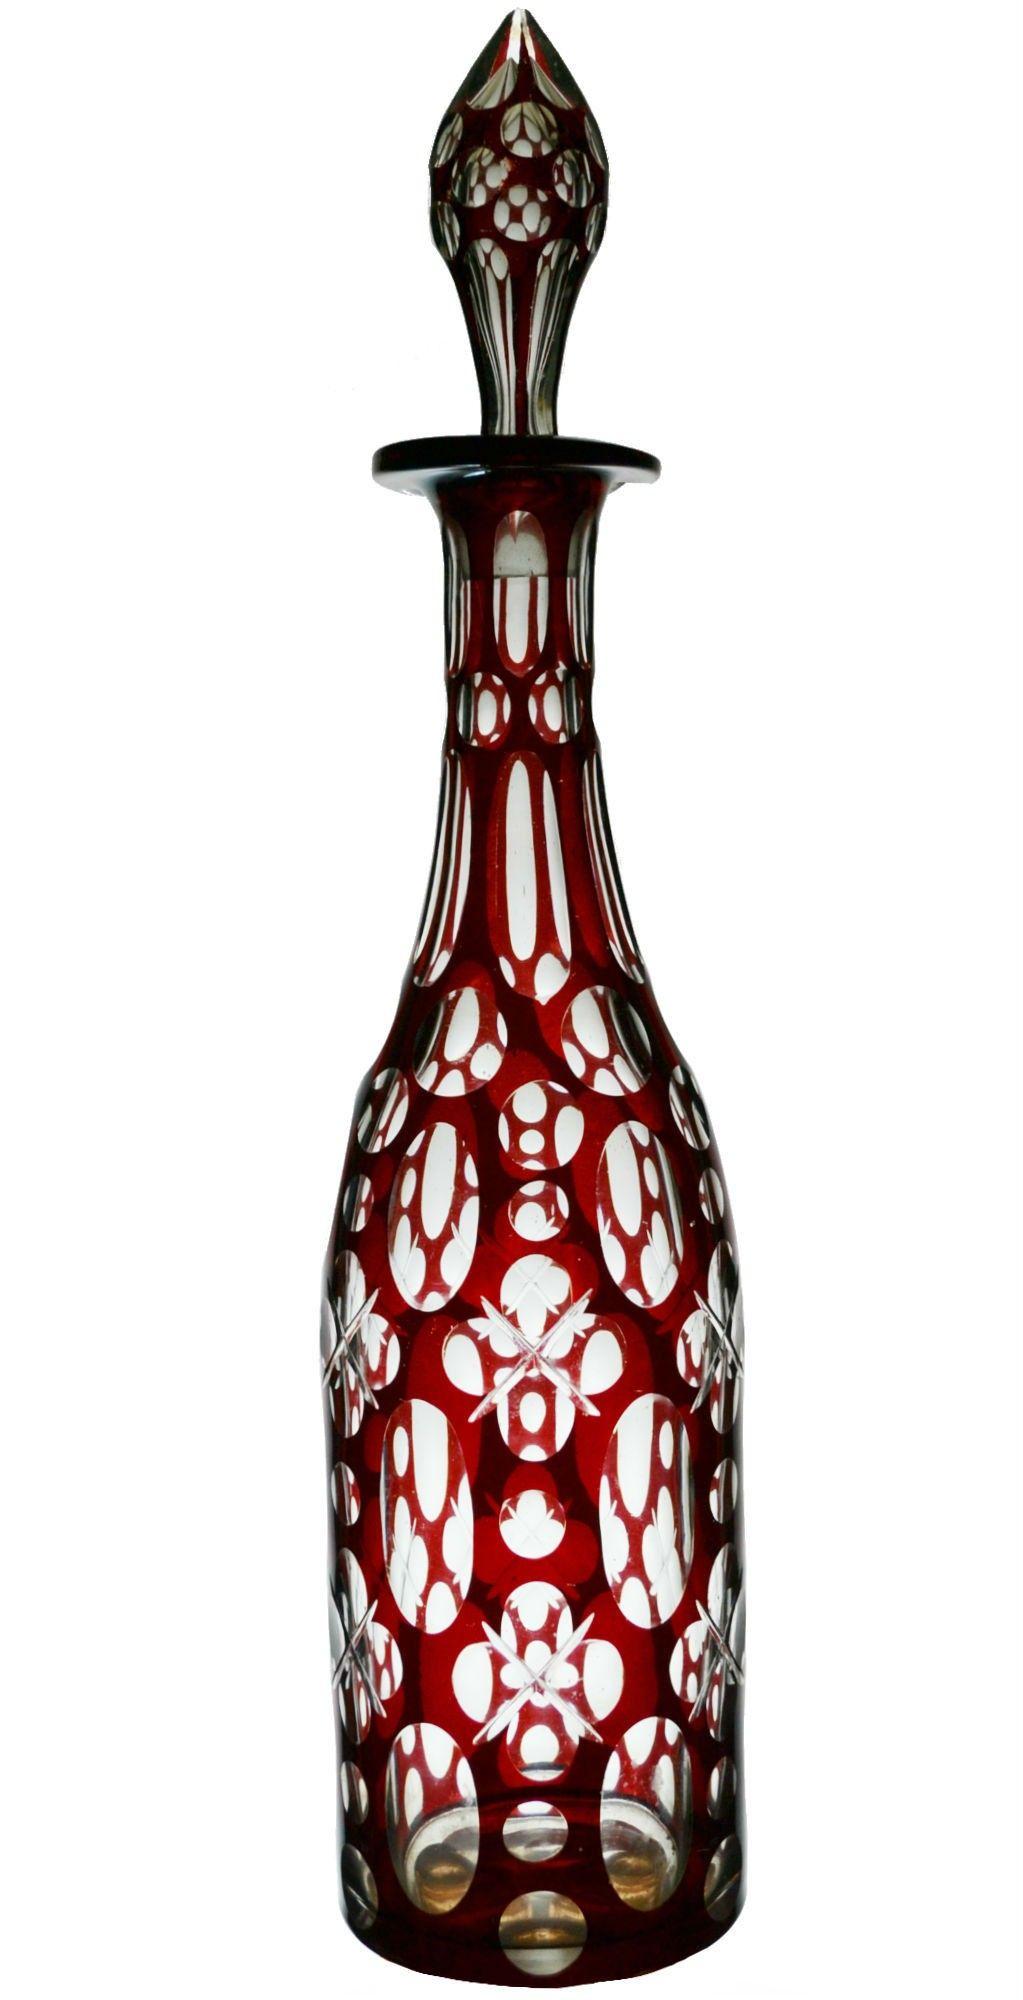 Capri Murano Glass Bottle Stopper Two S Company Wine Bottle Stopper Bartenders Gift Murano Art Glass Bot Bottle Stoppers Barware Gift Glass Bottles Art